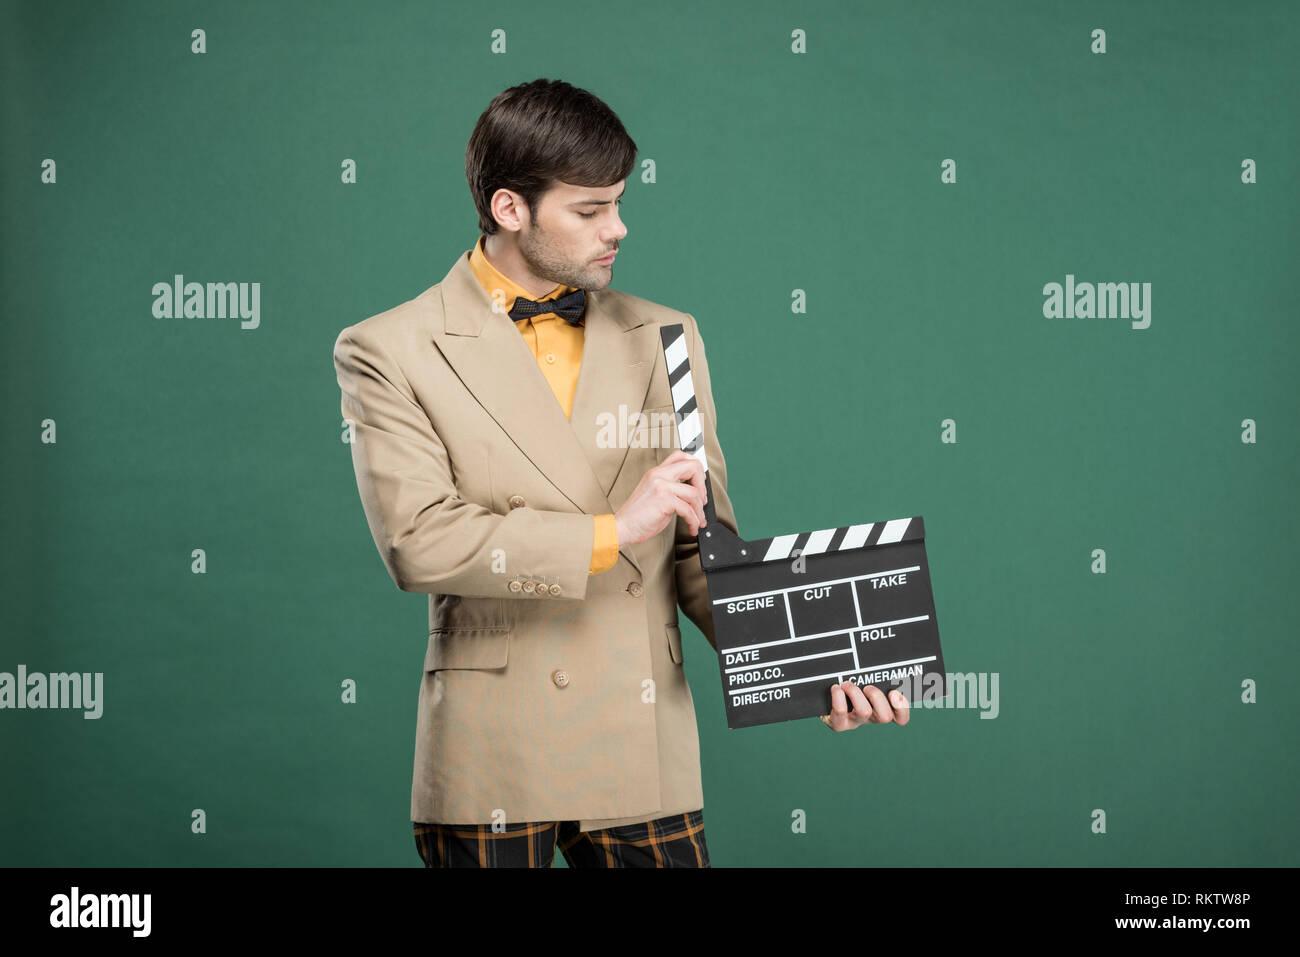 6ebec22d896a31 Schöner Mann in Vintage Kleidung Holding film Klappe isoliert auf Grün